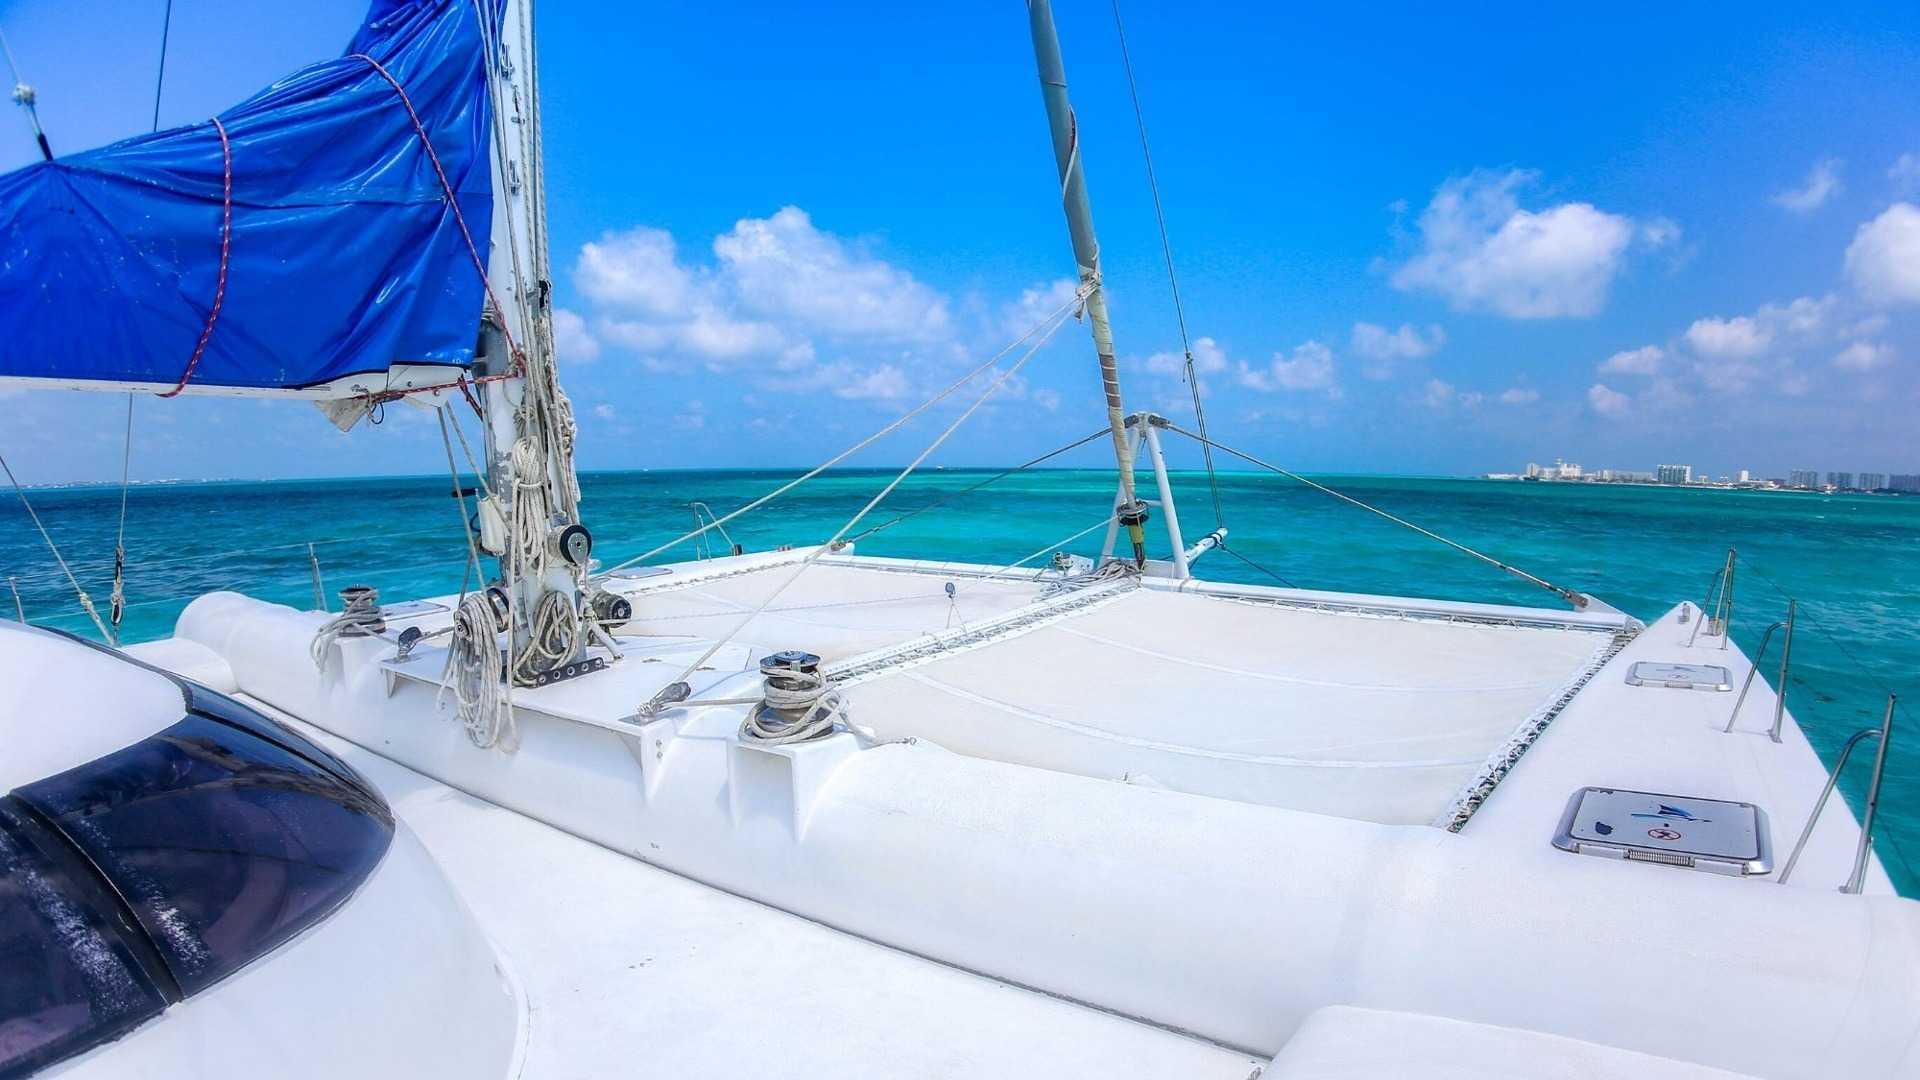 1 - LoRes - Induna - Isla Mujeres Catamaran Tour - Cancun Sailing